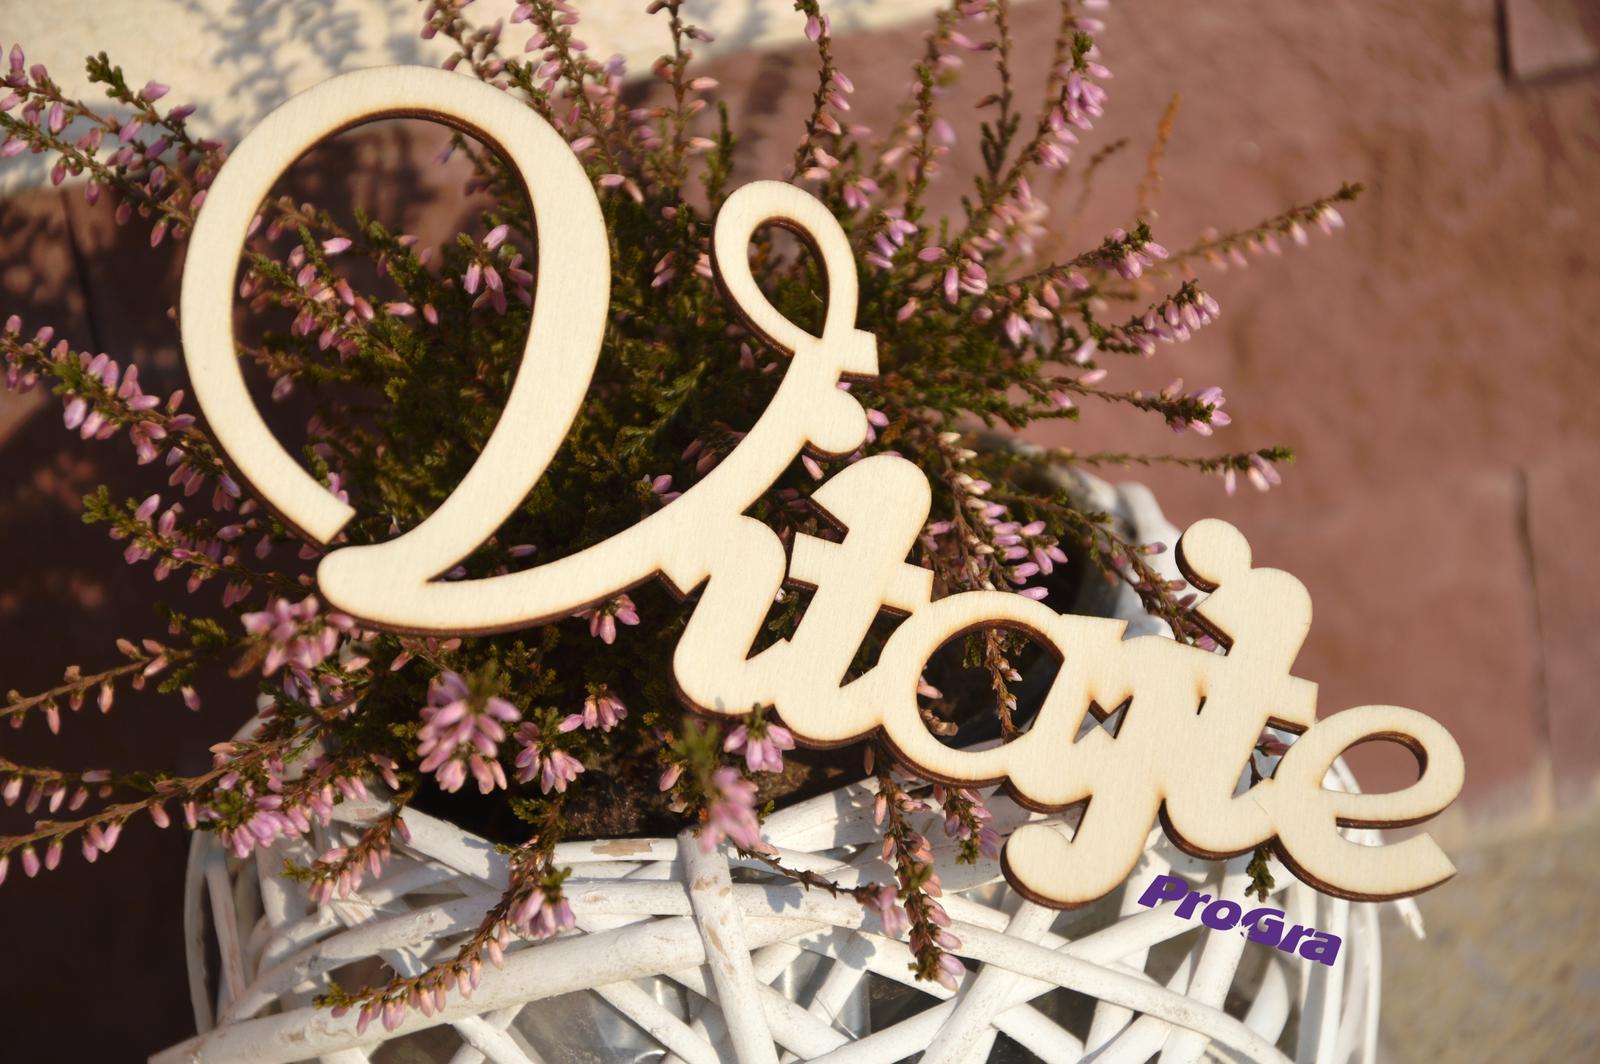 Detaily pre Váš svadobný deň - Obrázok č. 86